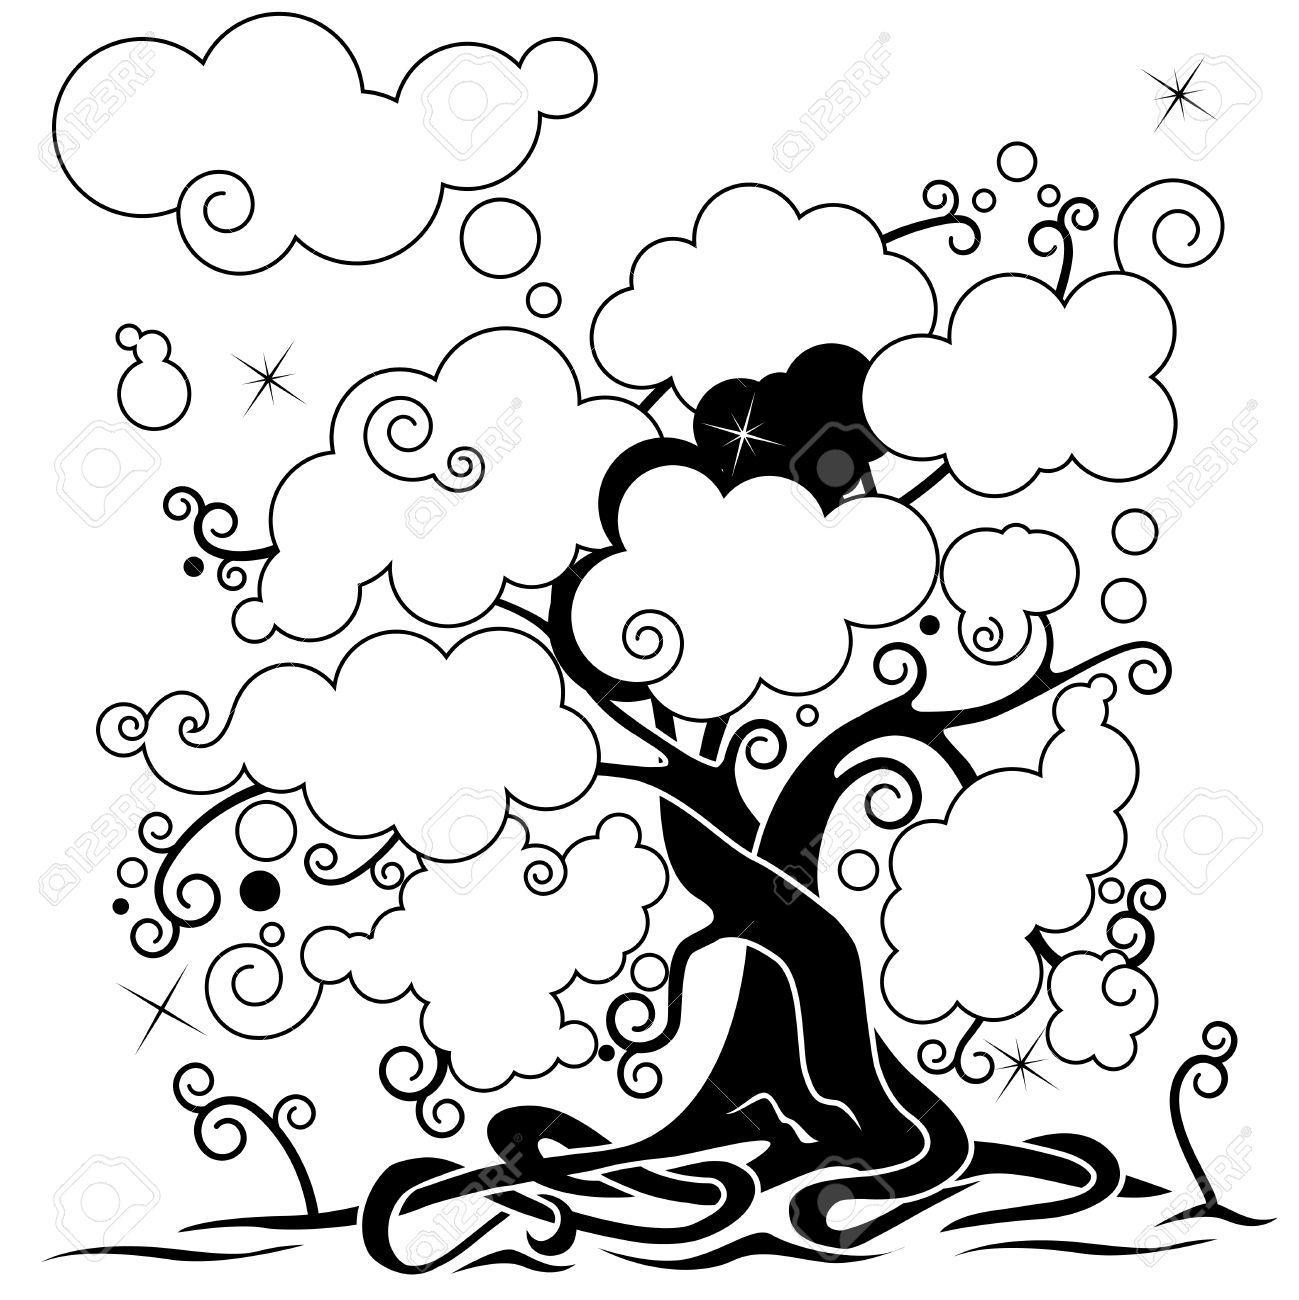 Rbol De Las Redes Sociales El árbol Genealógico Negro Y Blanco